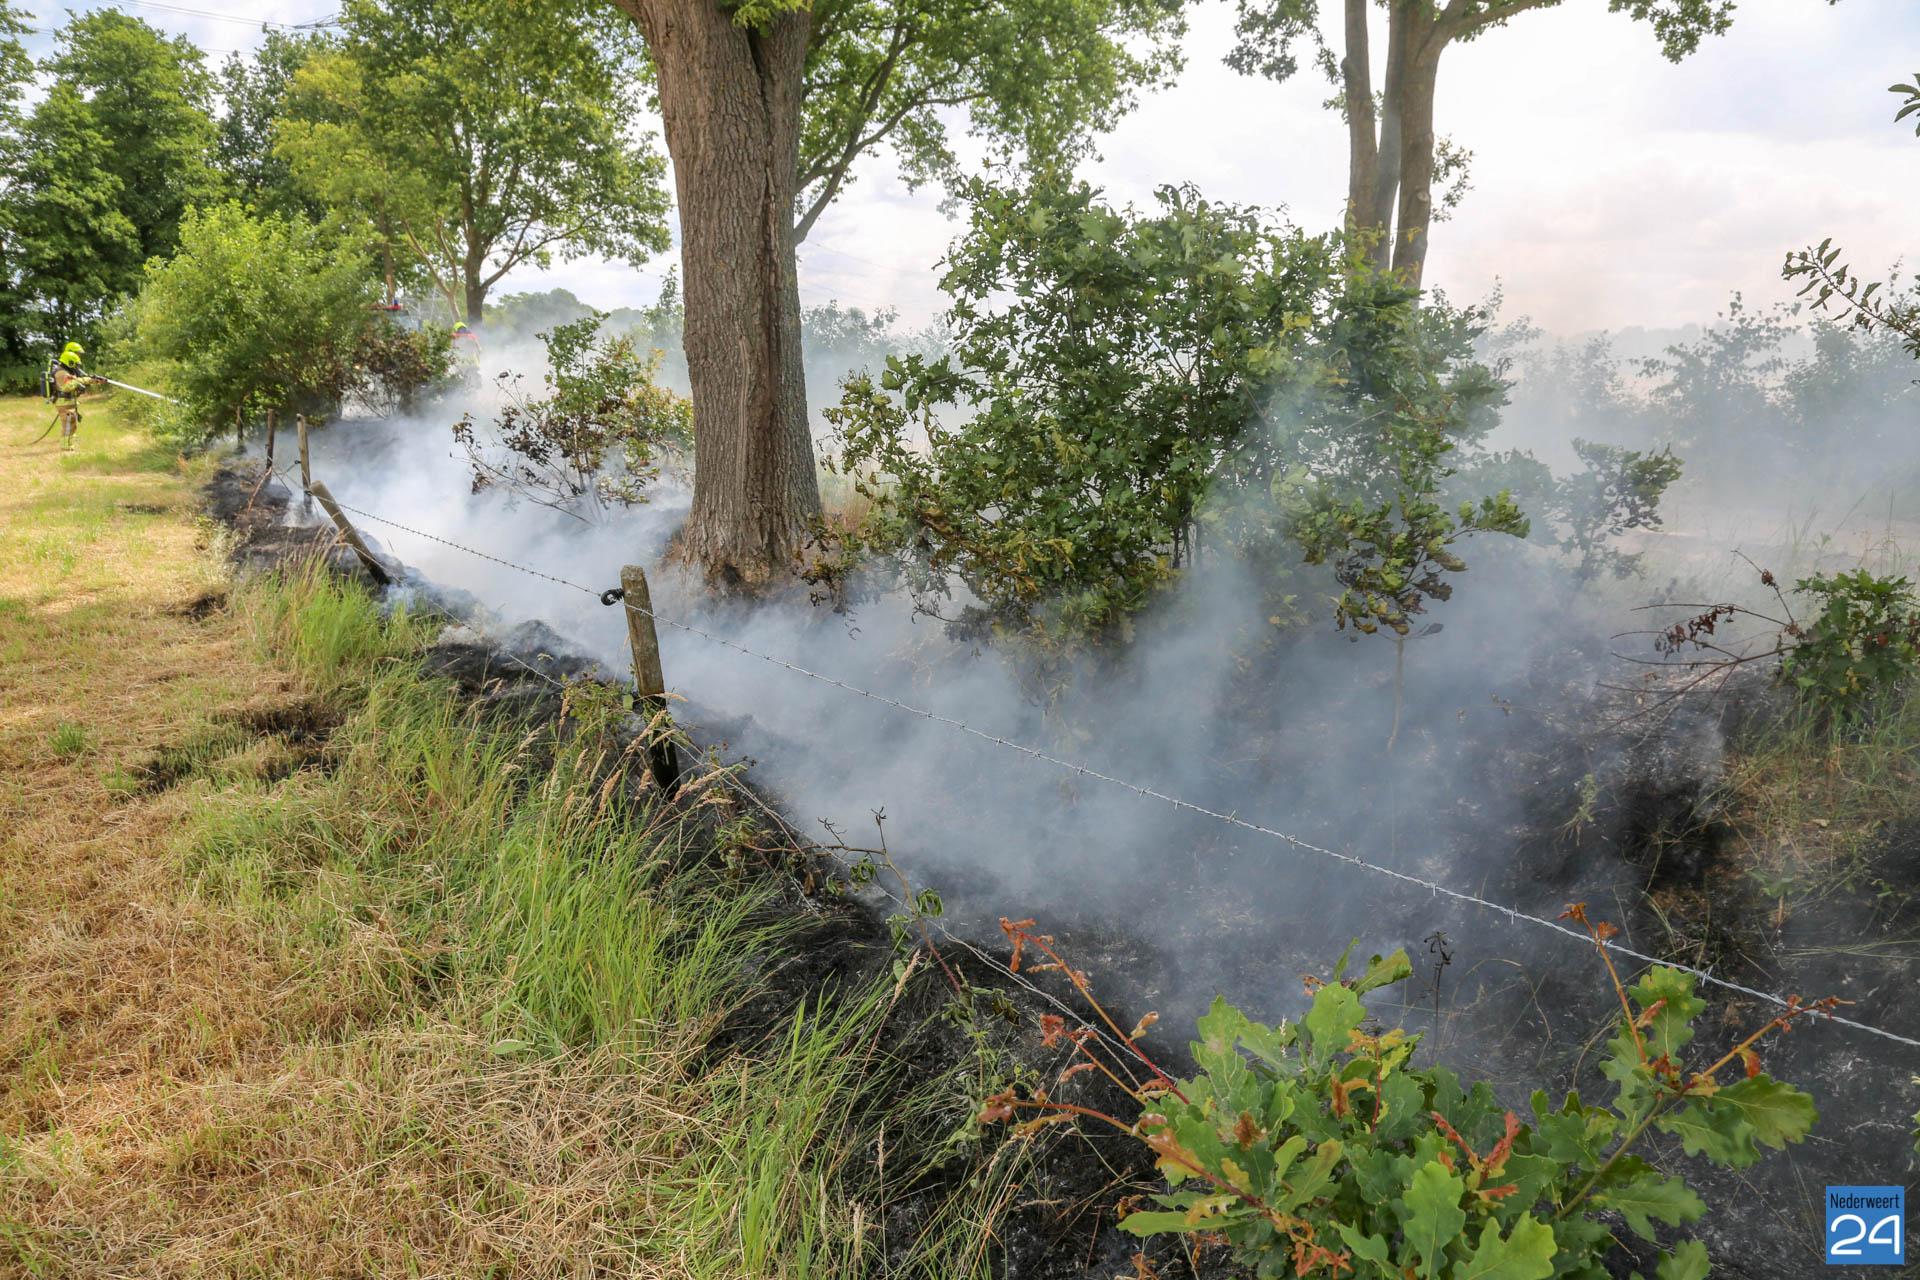 Brandweer blust flinke bermbrand in Ospeldijk - Nederweert24 - Nederweert24